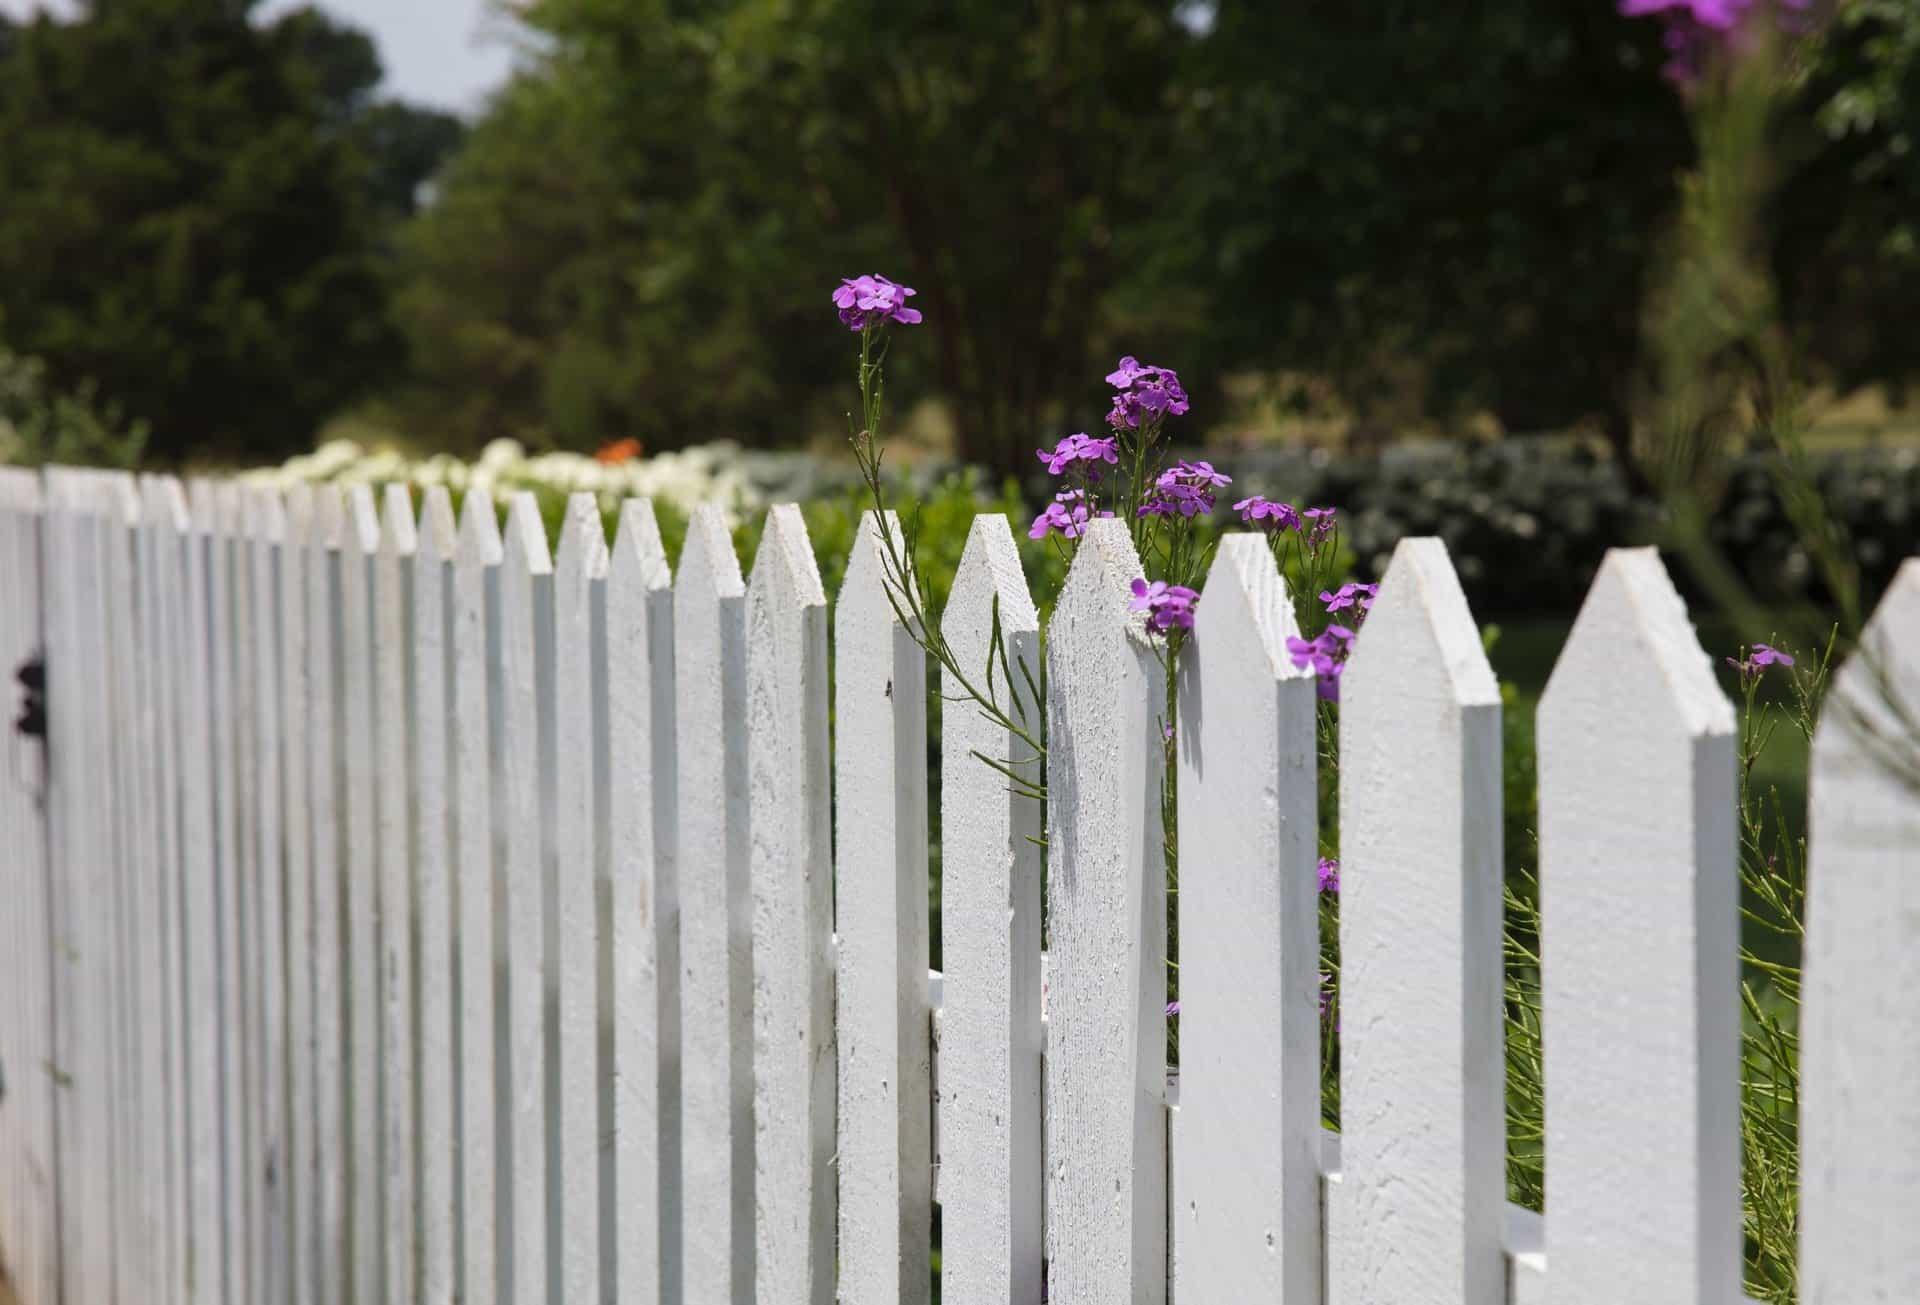 Biele záhradné oplotenie